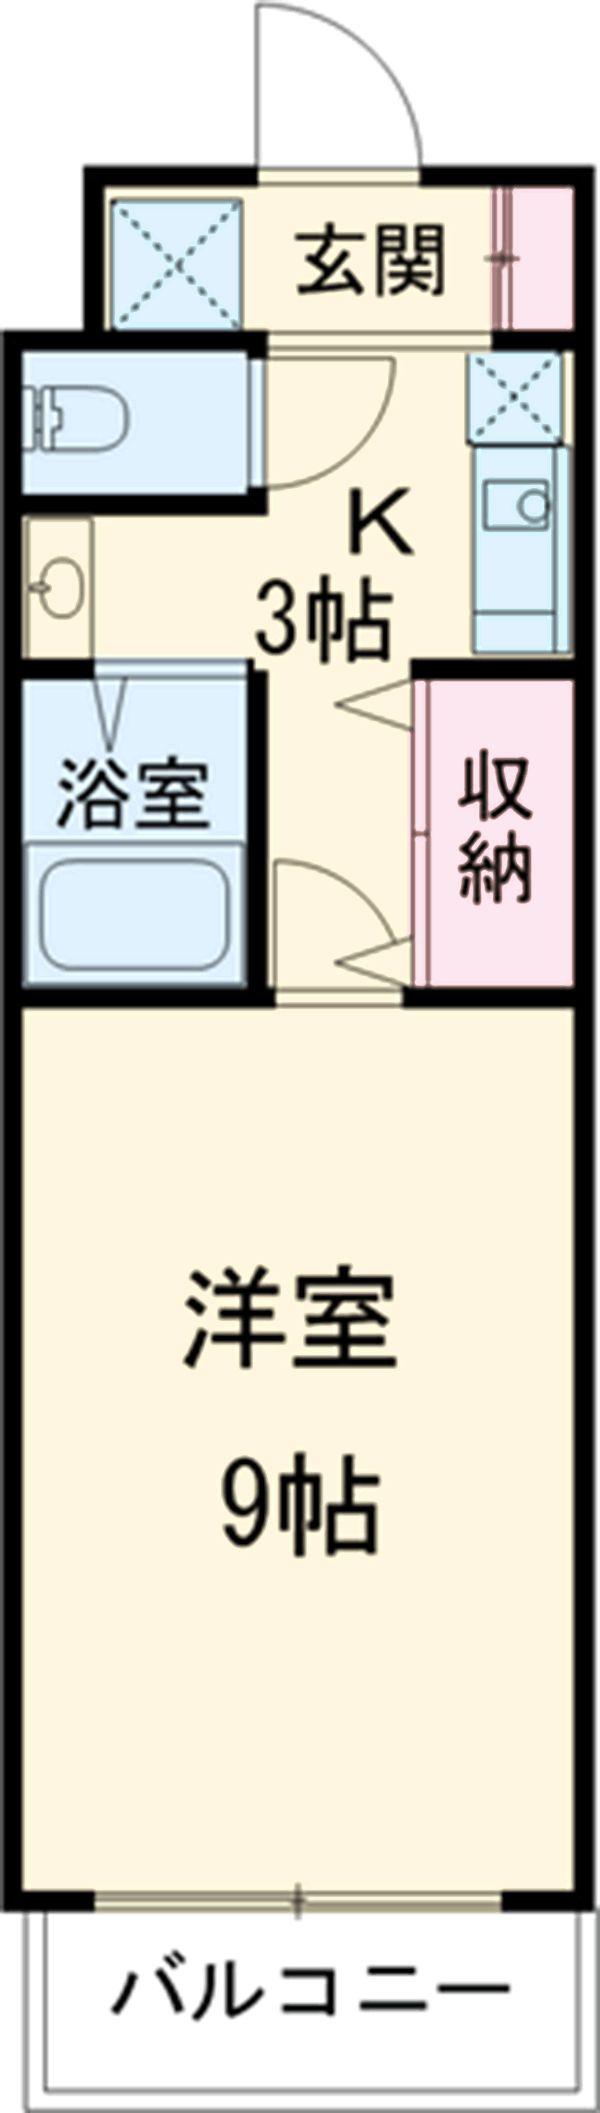 ROXY TAKAHATA 2411 210号室の間取り